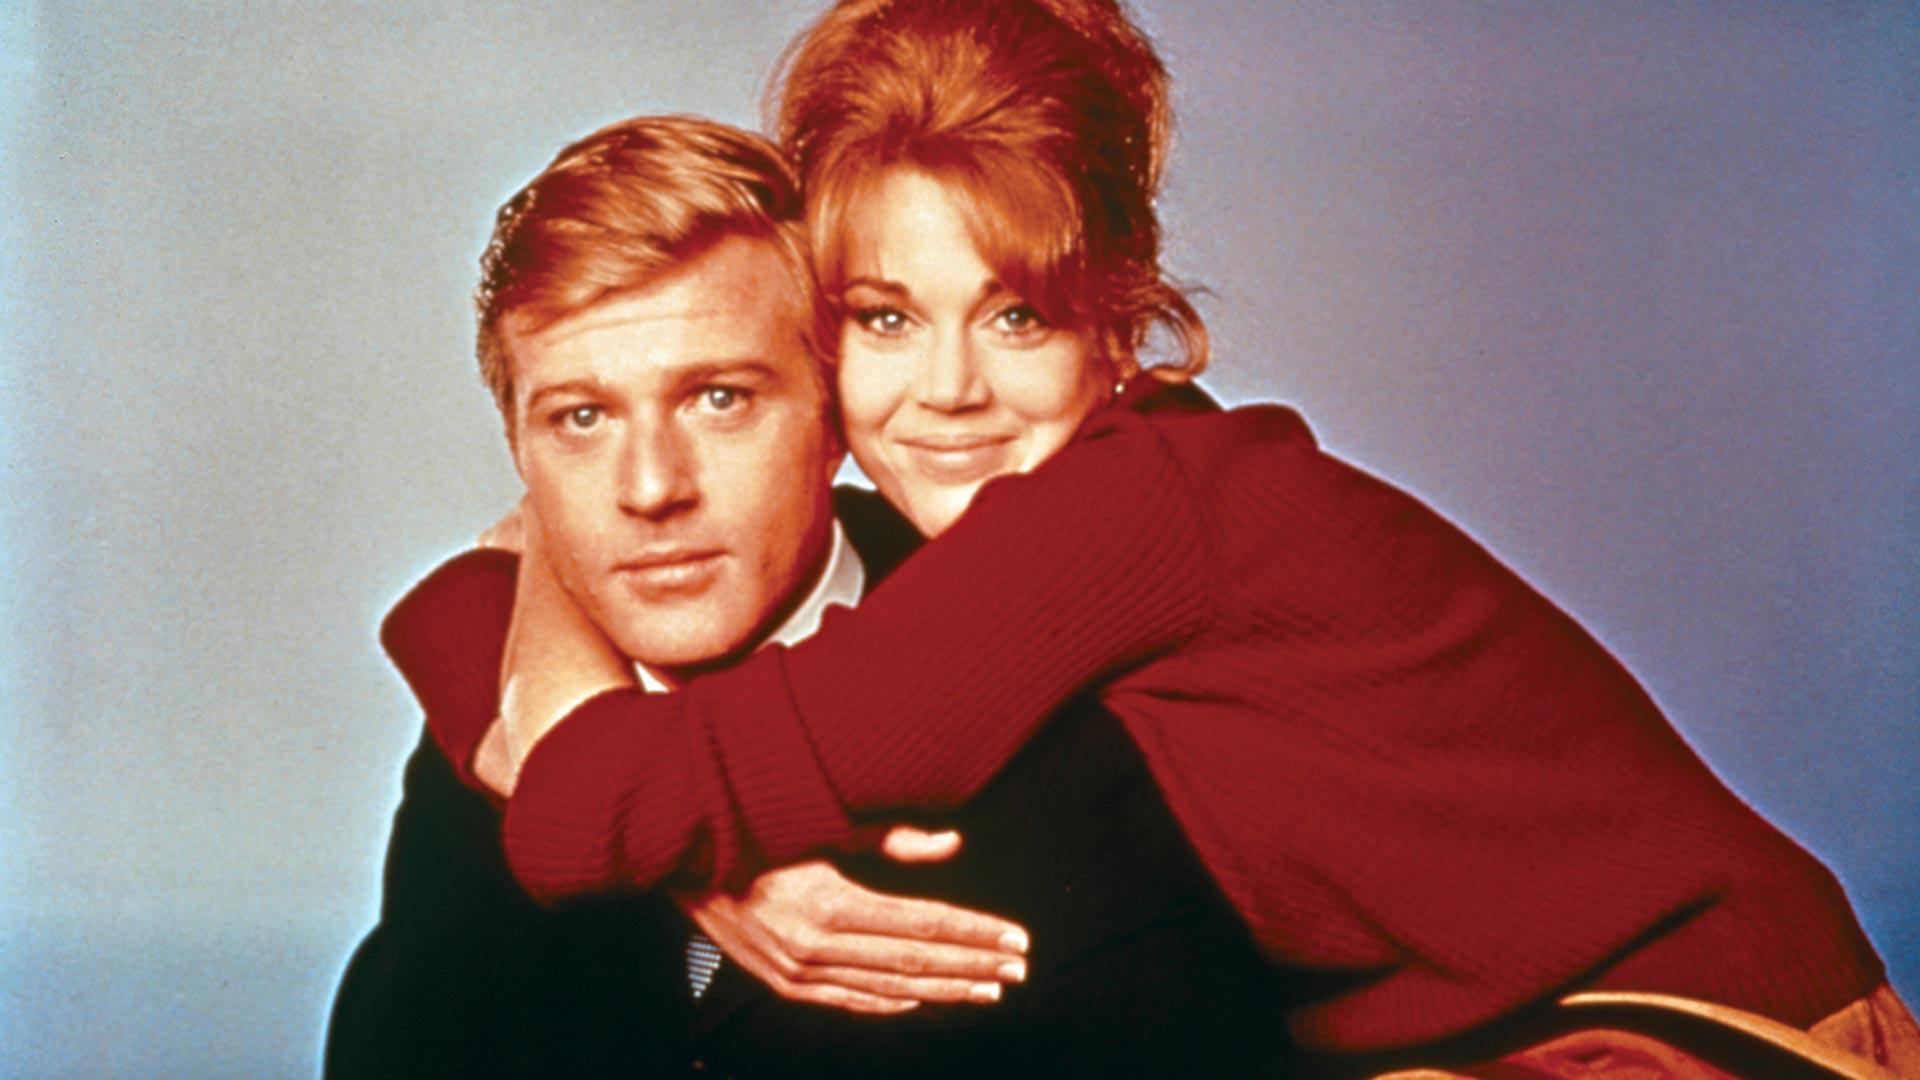 Robert Redford ja Jane Fonda silloin kun he olivat nuoria, elokuvassaPaljain jaloin puistossa.